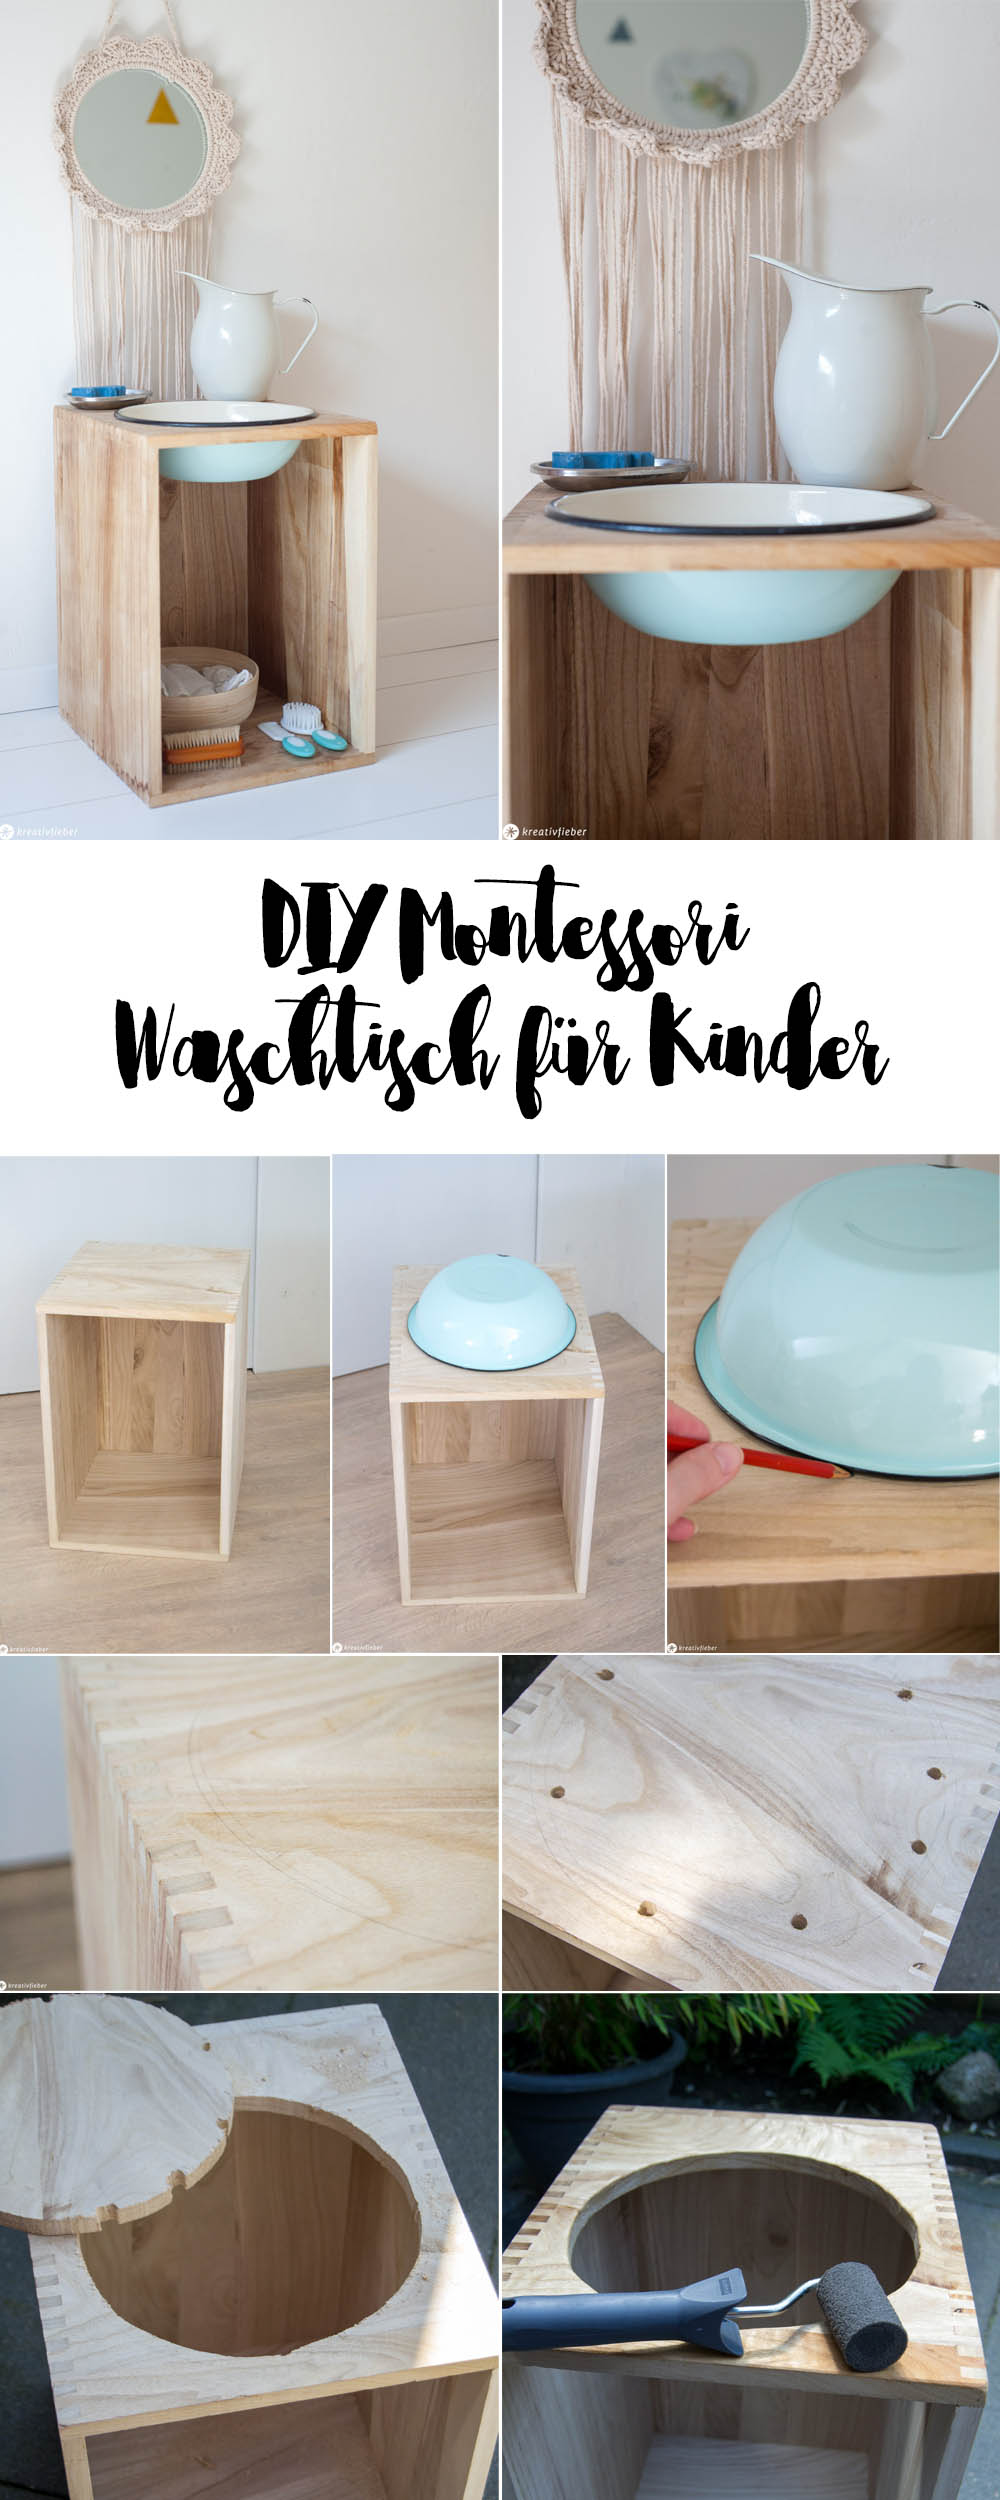 Waschtisch Für Kinder.Diy Montessori Waschtisch Für Kinder